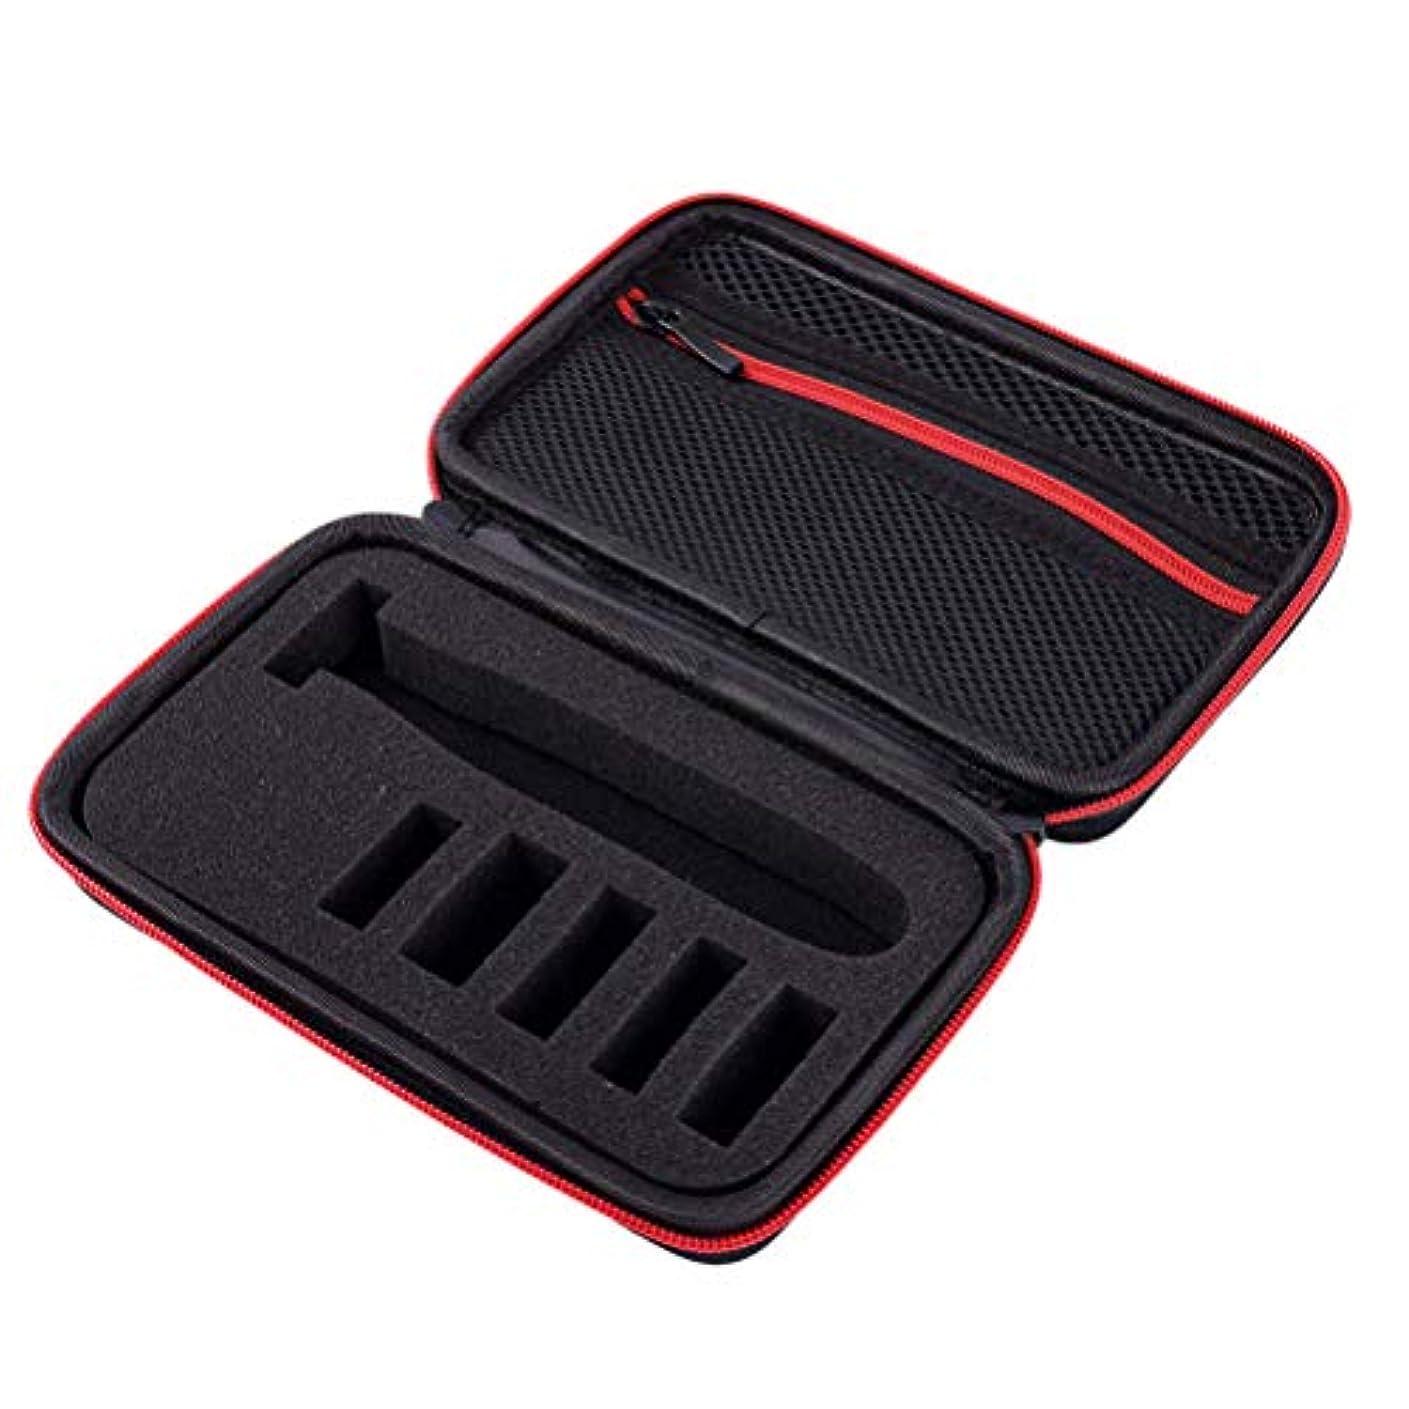 床レンズ知性Semoic シェーバーケーストラベル電気シェーバー収納オーガナイザー キャリングバッグ(レッドジッパー、モデルQp2530 / 2520に適用可能)